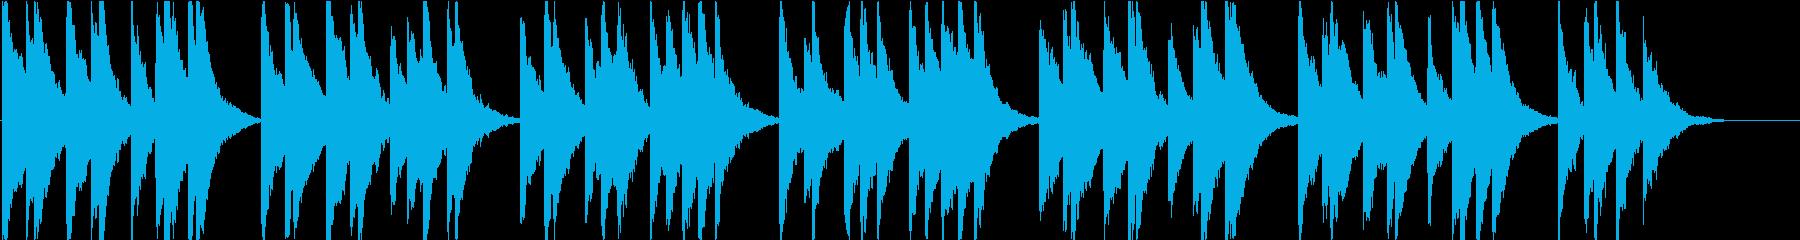 時報・チャイム風の名曲のメロディ・2の再生済みの波形